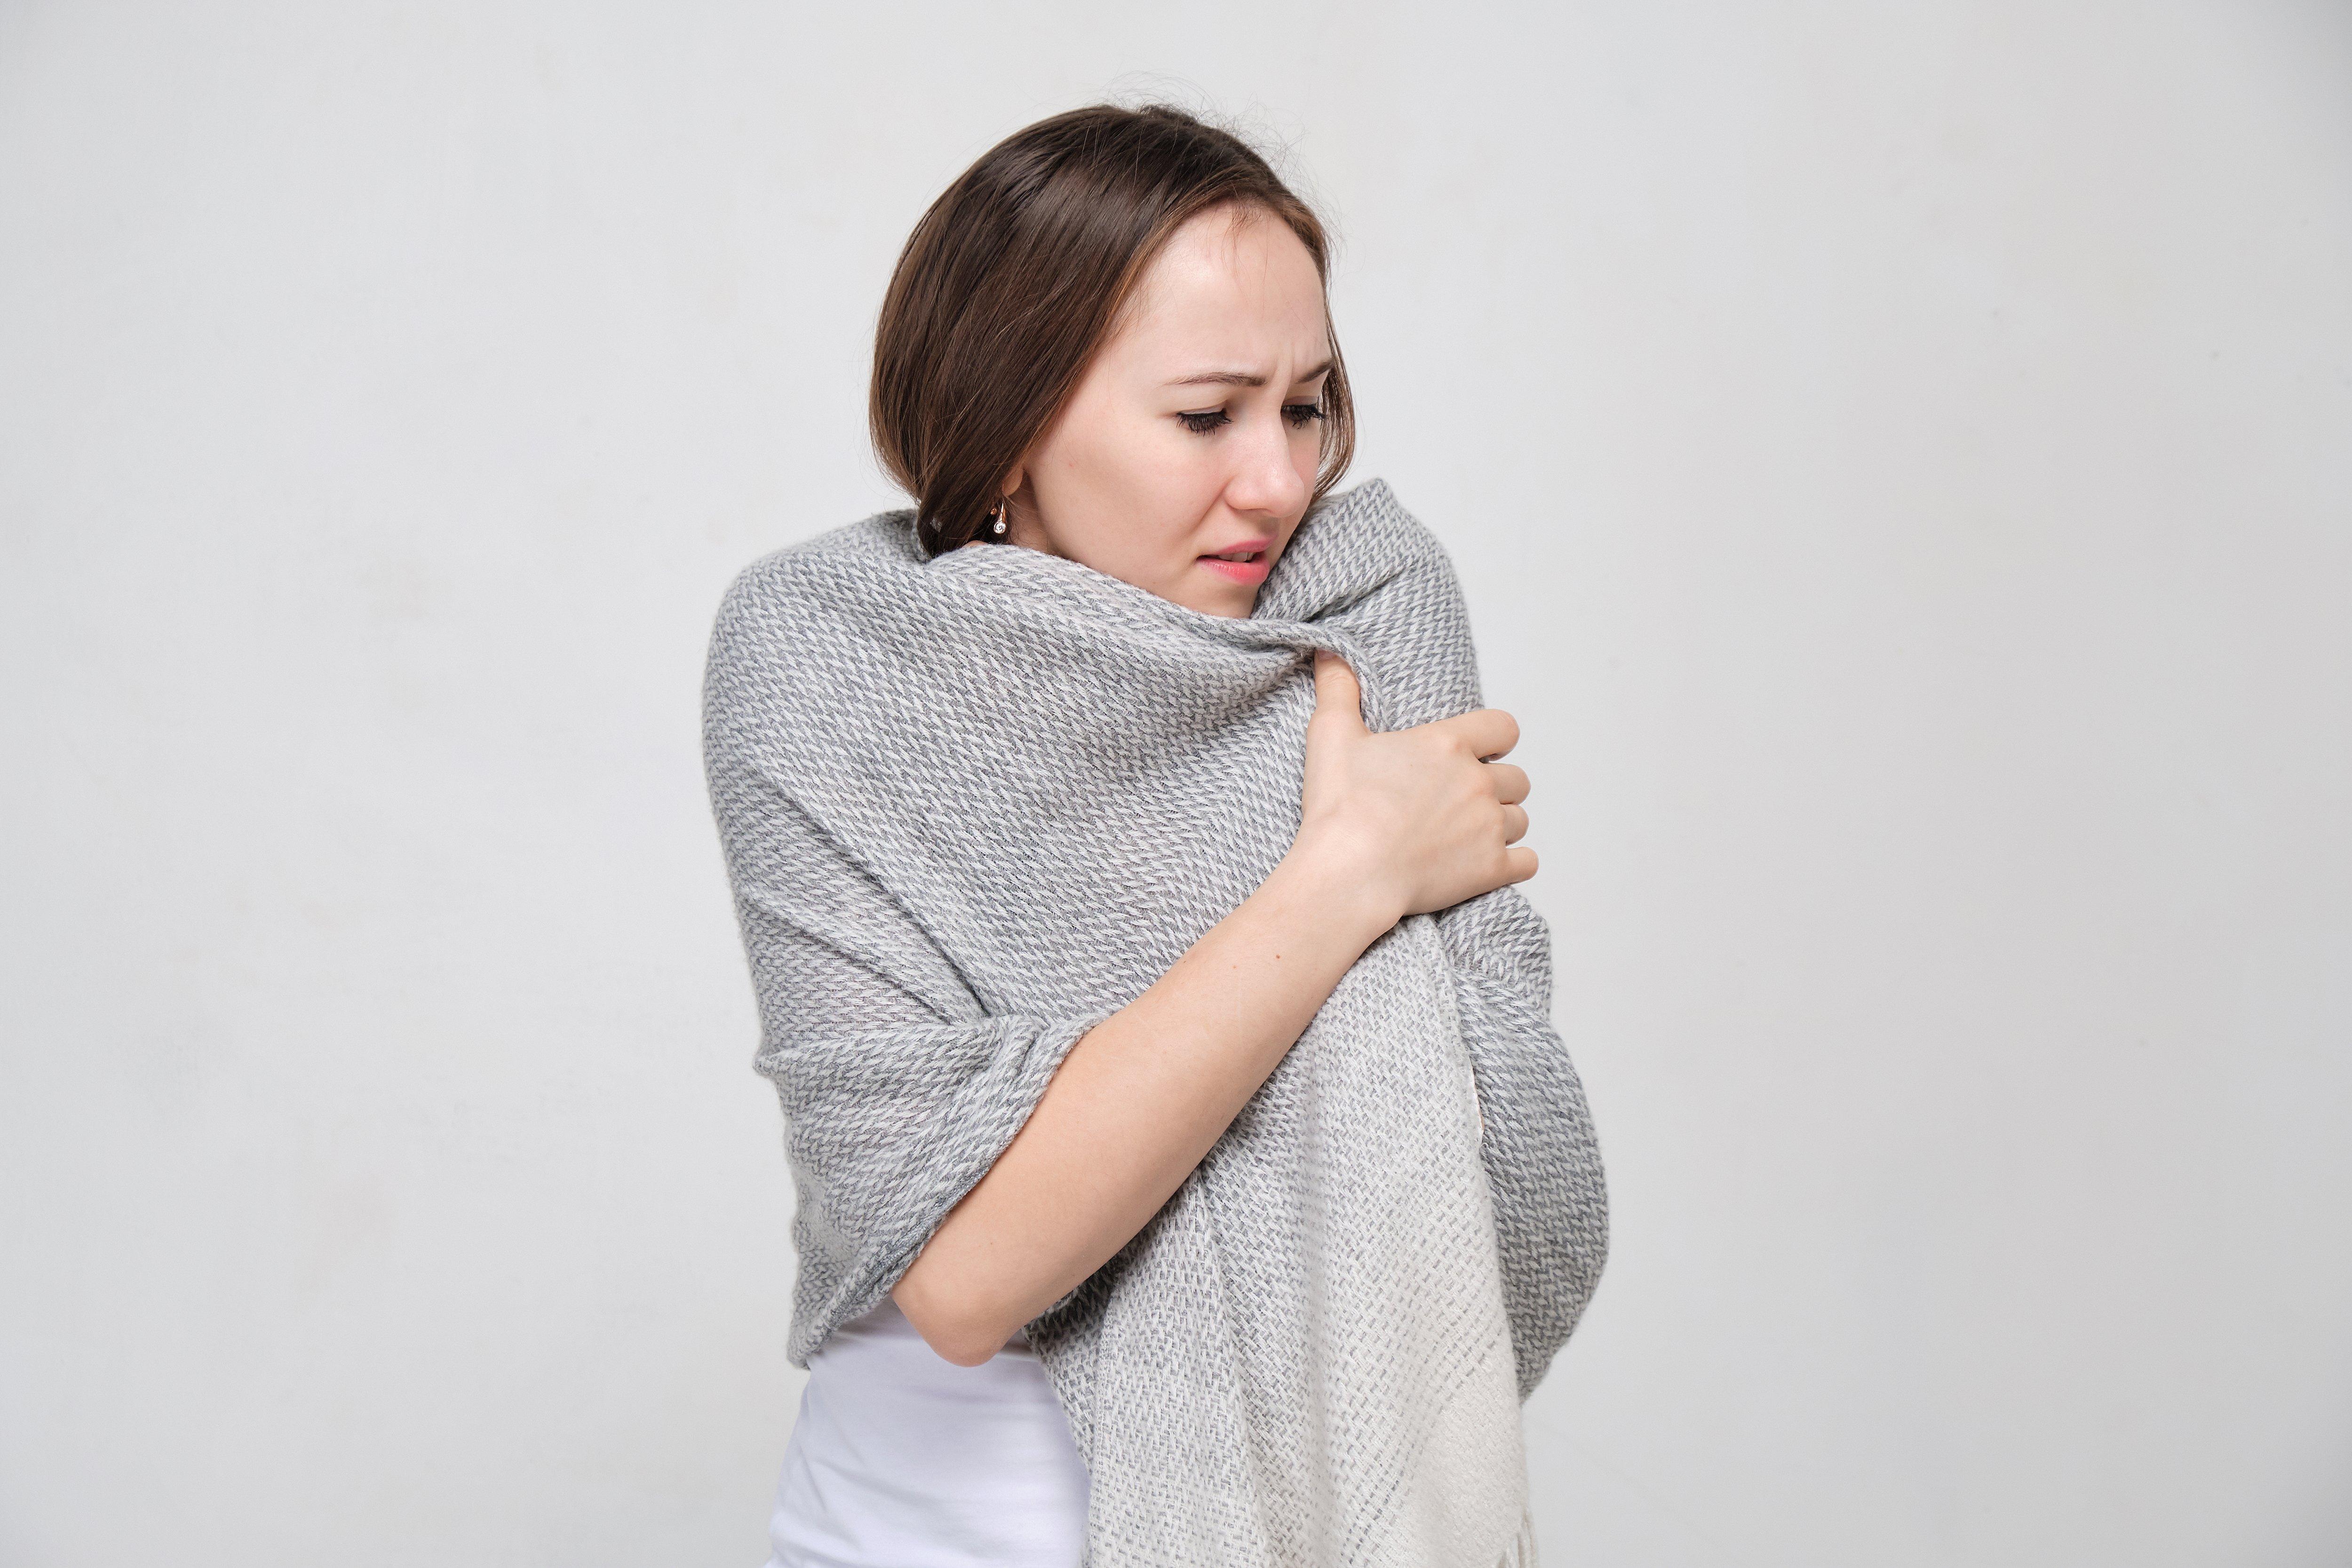 le paludisme provoque des frissons